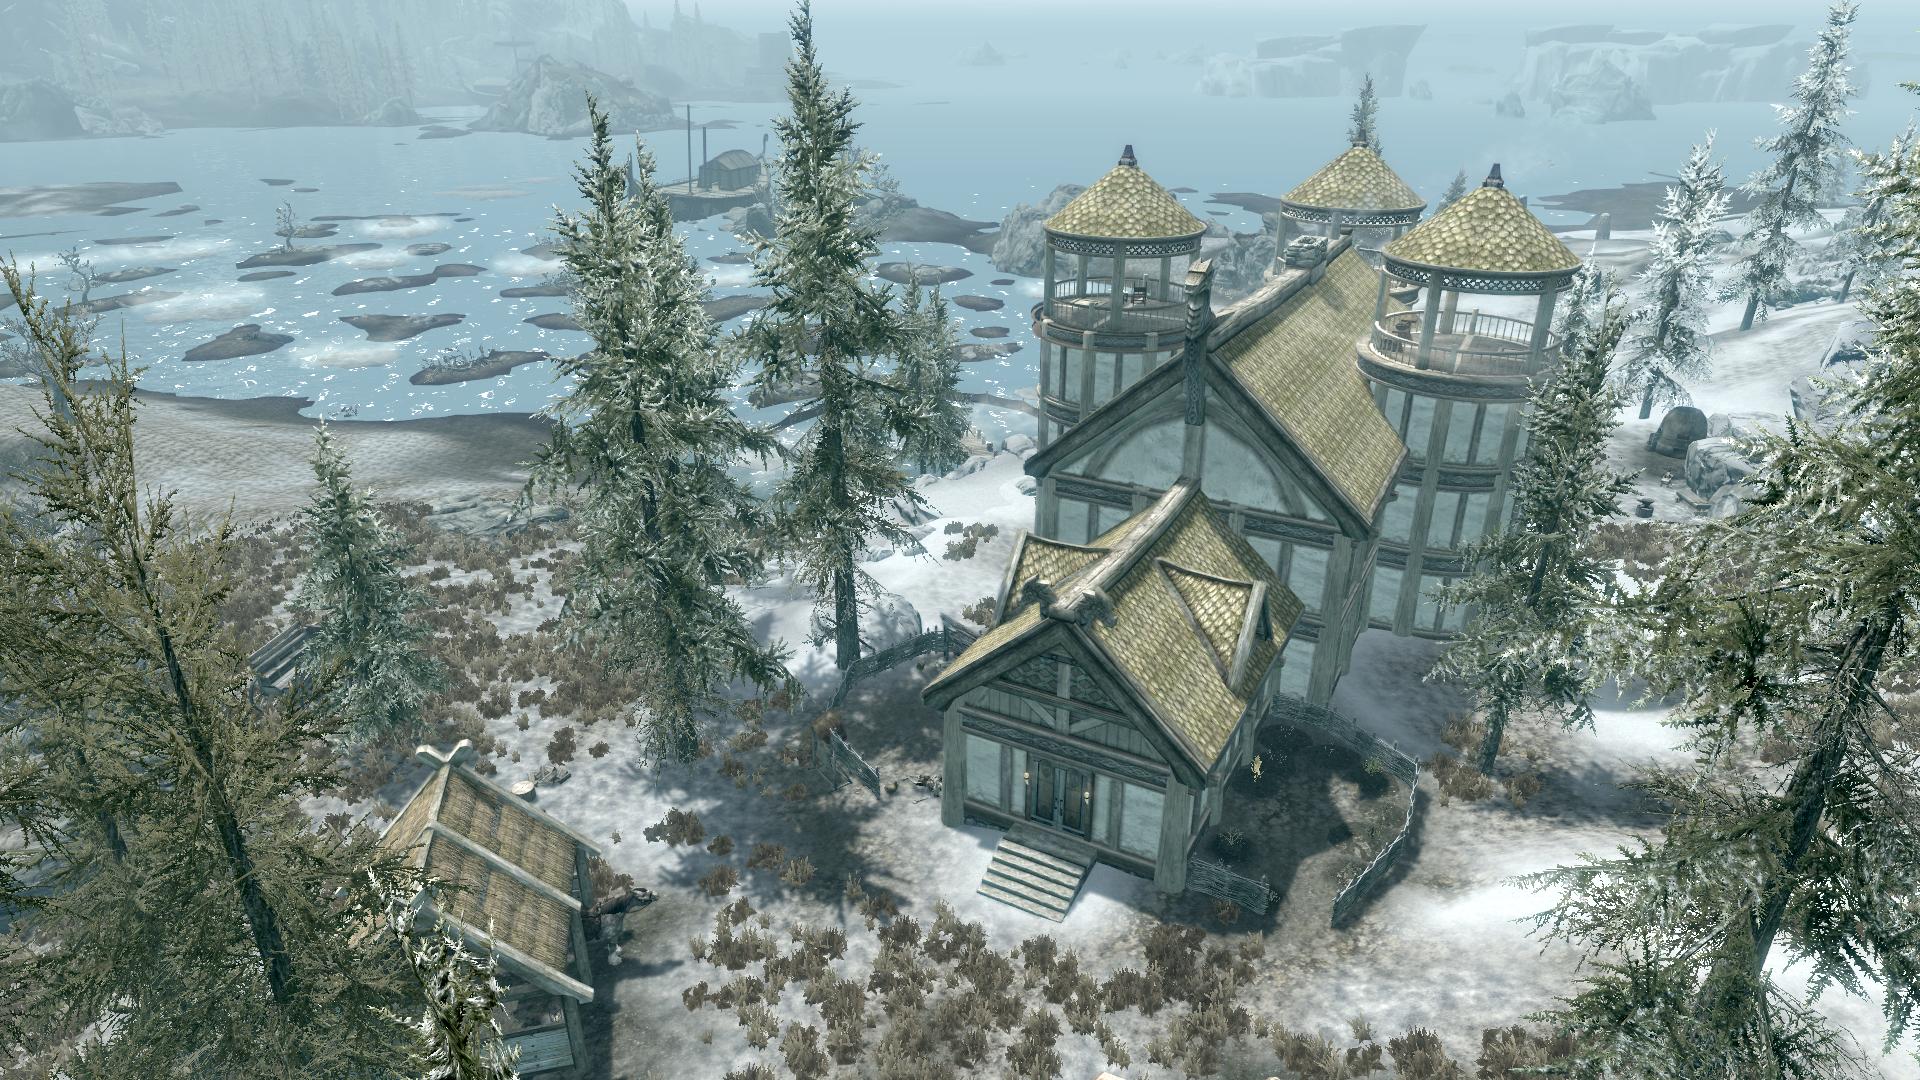 Windstad Manor Elder Scrolls Fandom Powered By Wikia